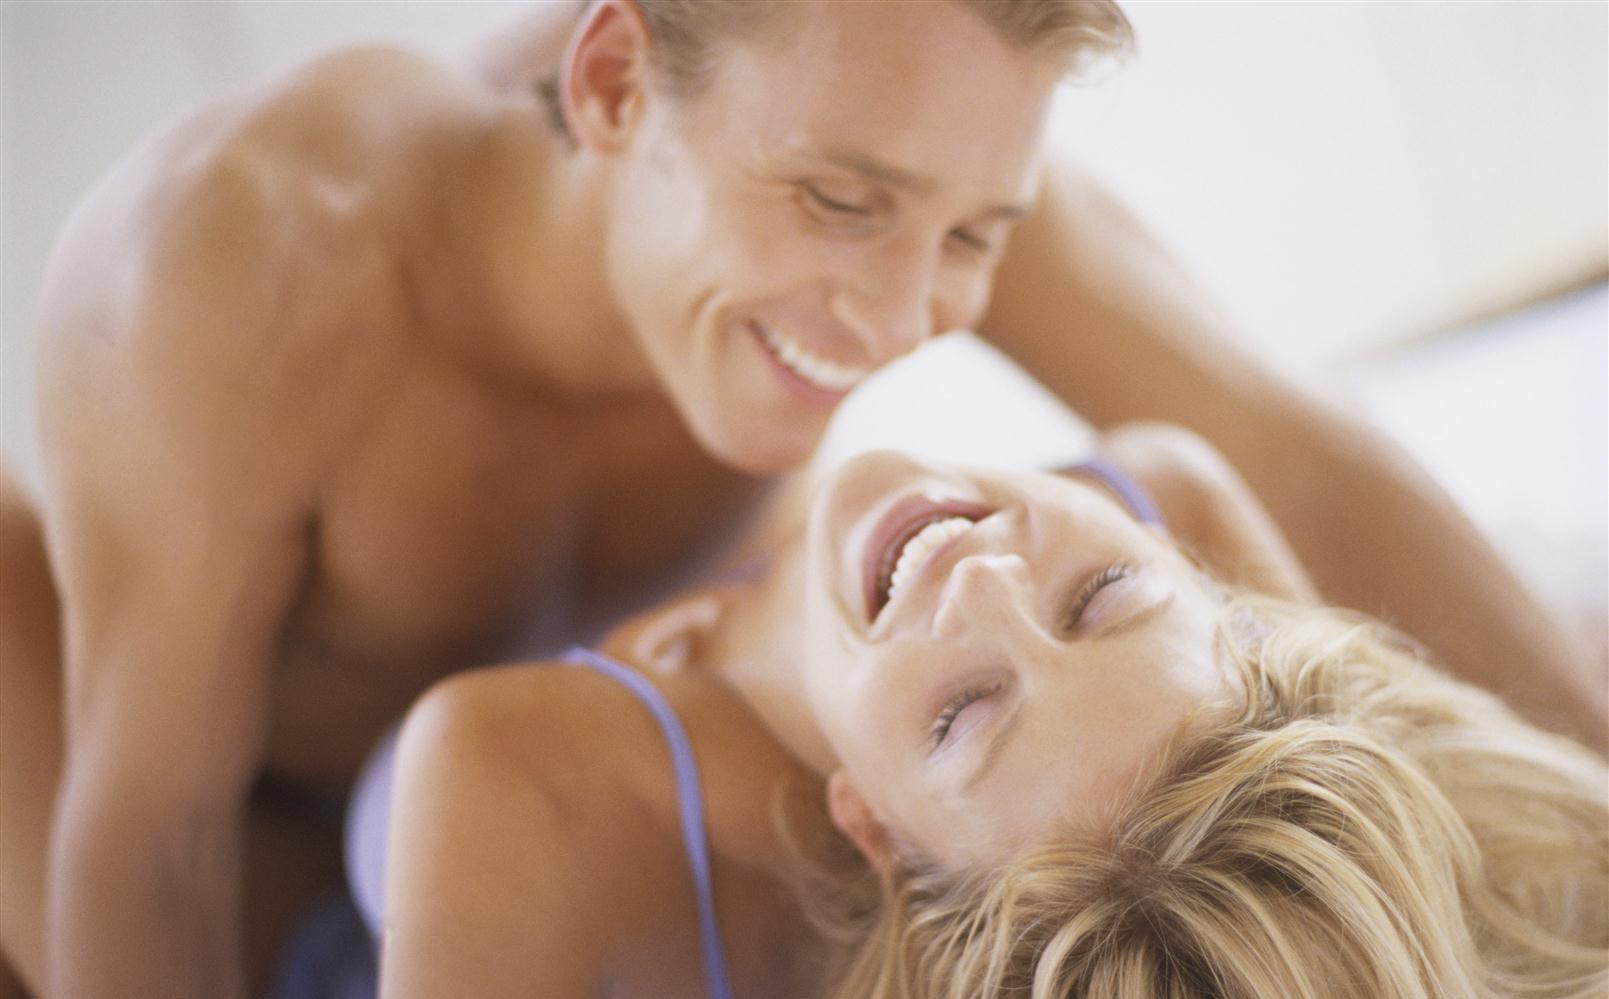 scopare bene agenzie matrimoniali con foto